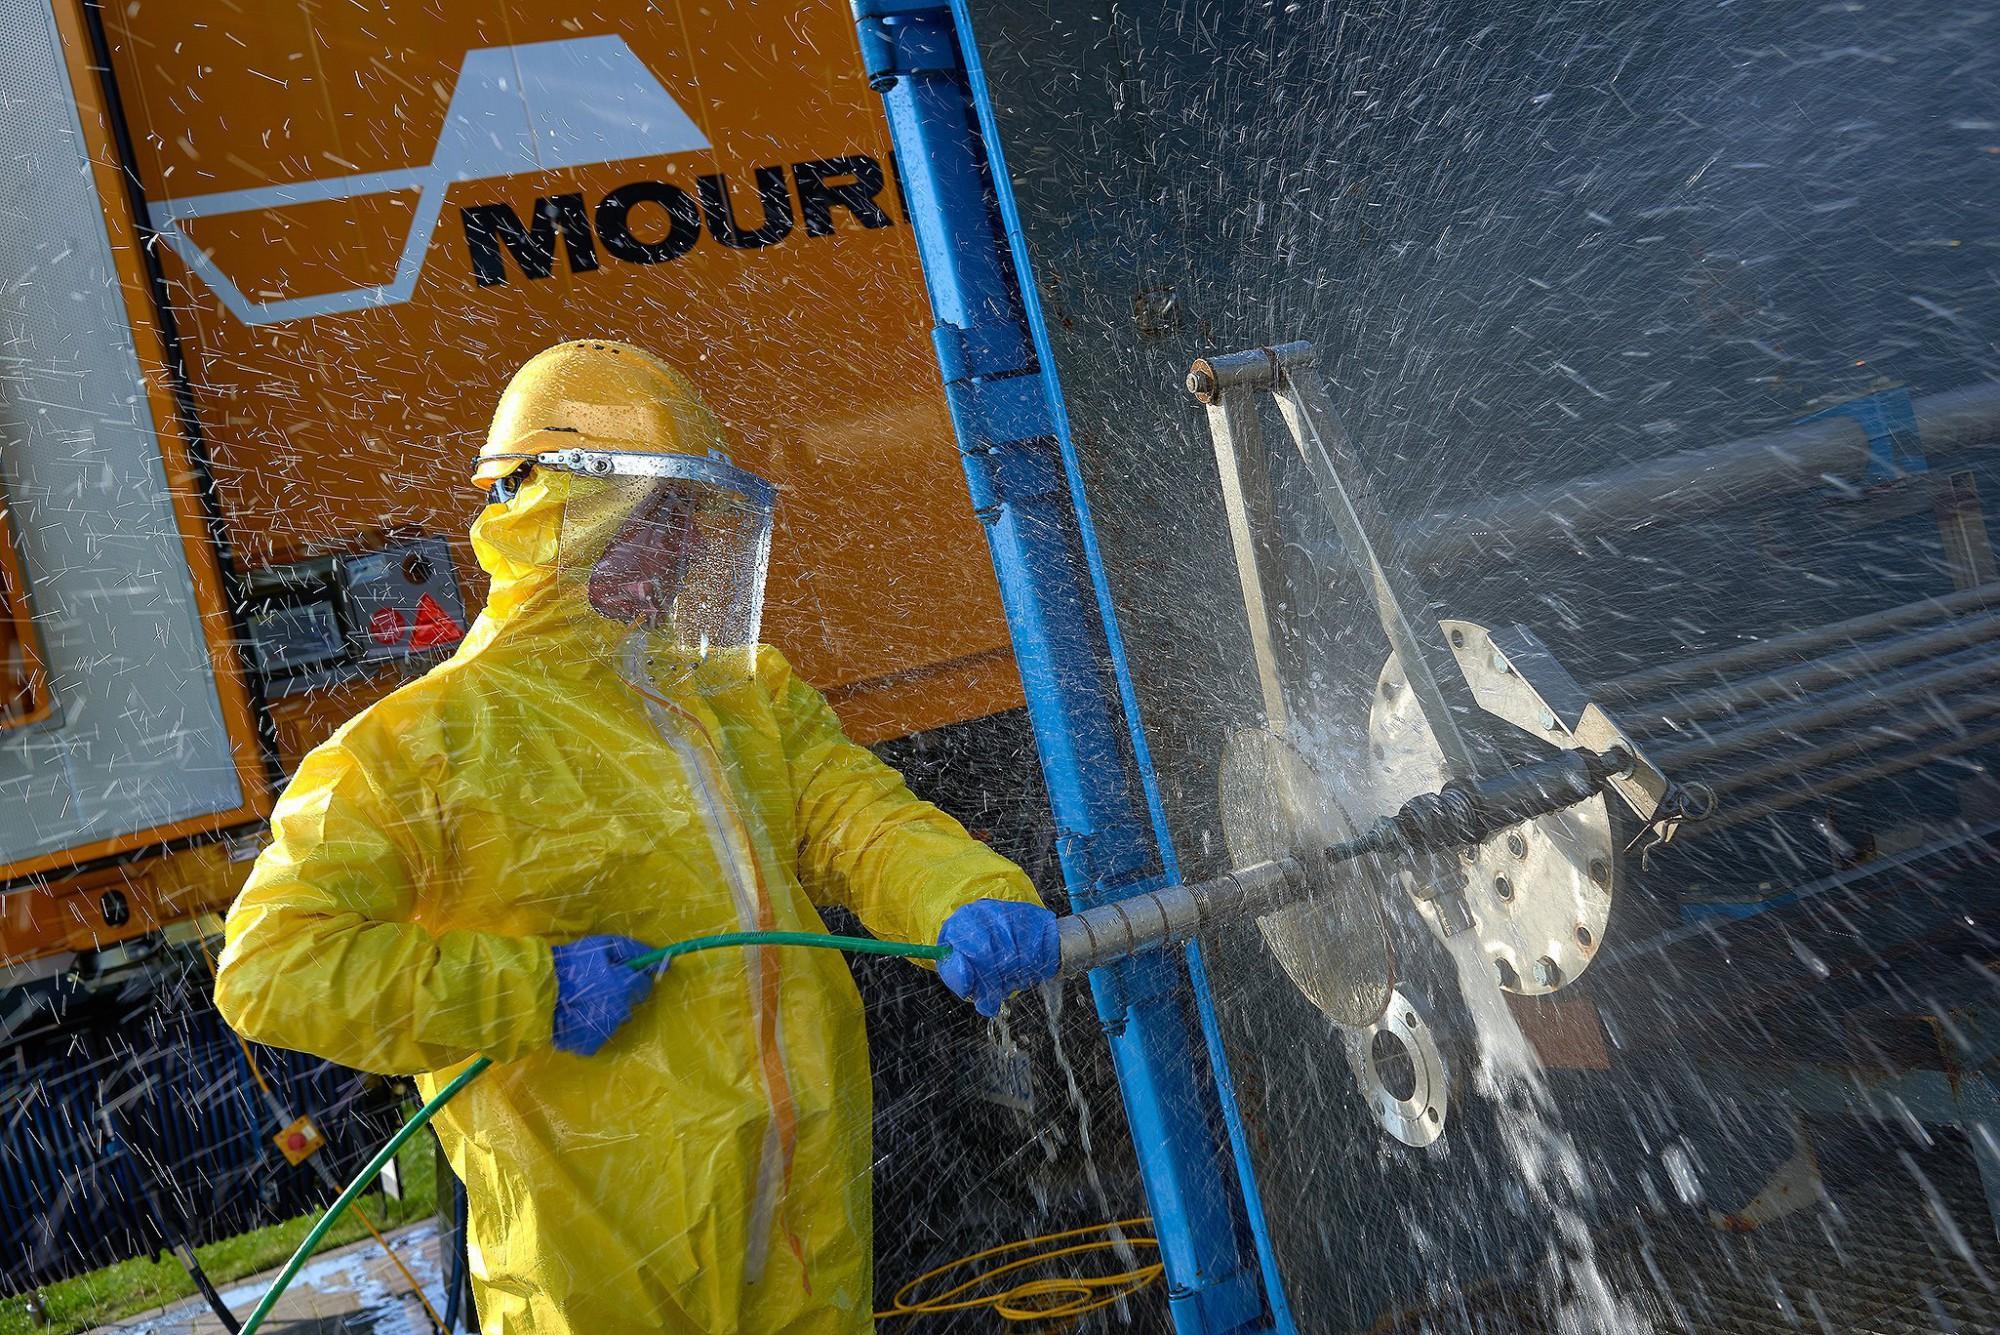 Afbeelding: Industriële reportage, kuisen-onderhoud van flenzen in de haven, voor Mourik.